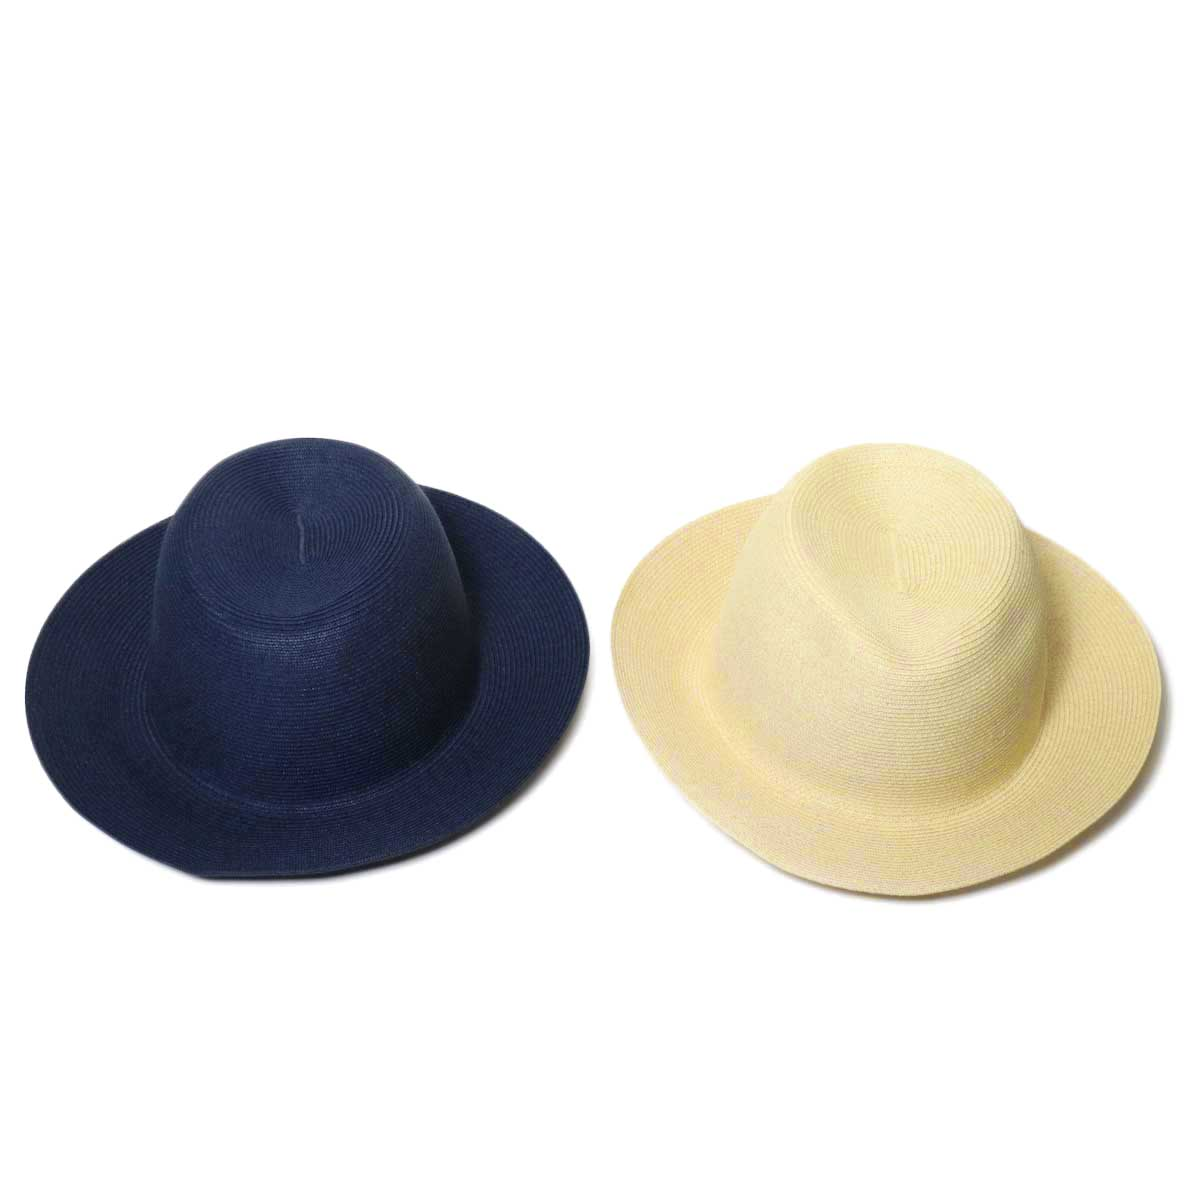 KIJIMA TAKAYUKI / Paper Braid Hat (E-211003)